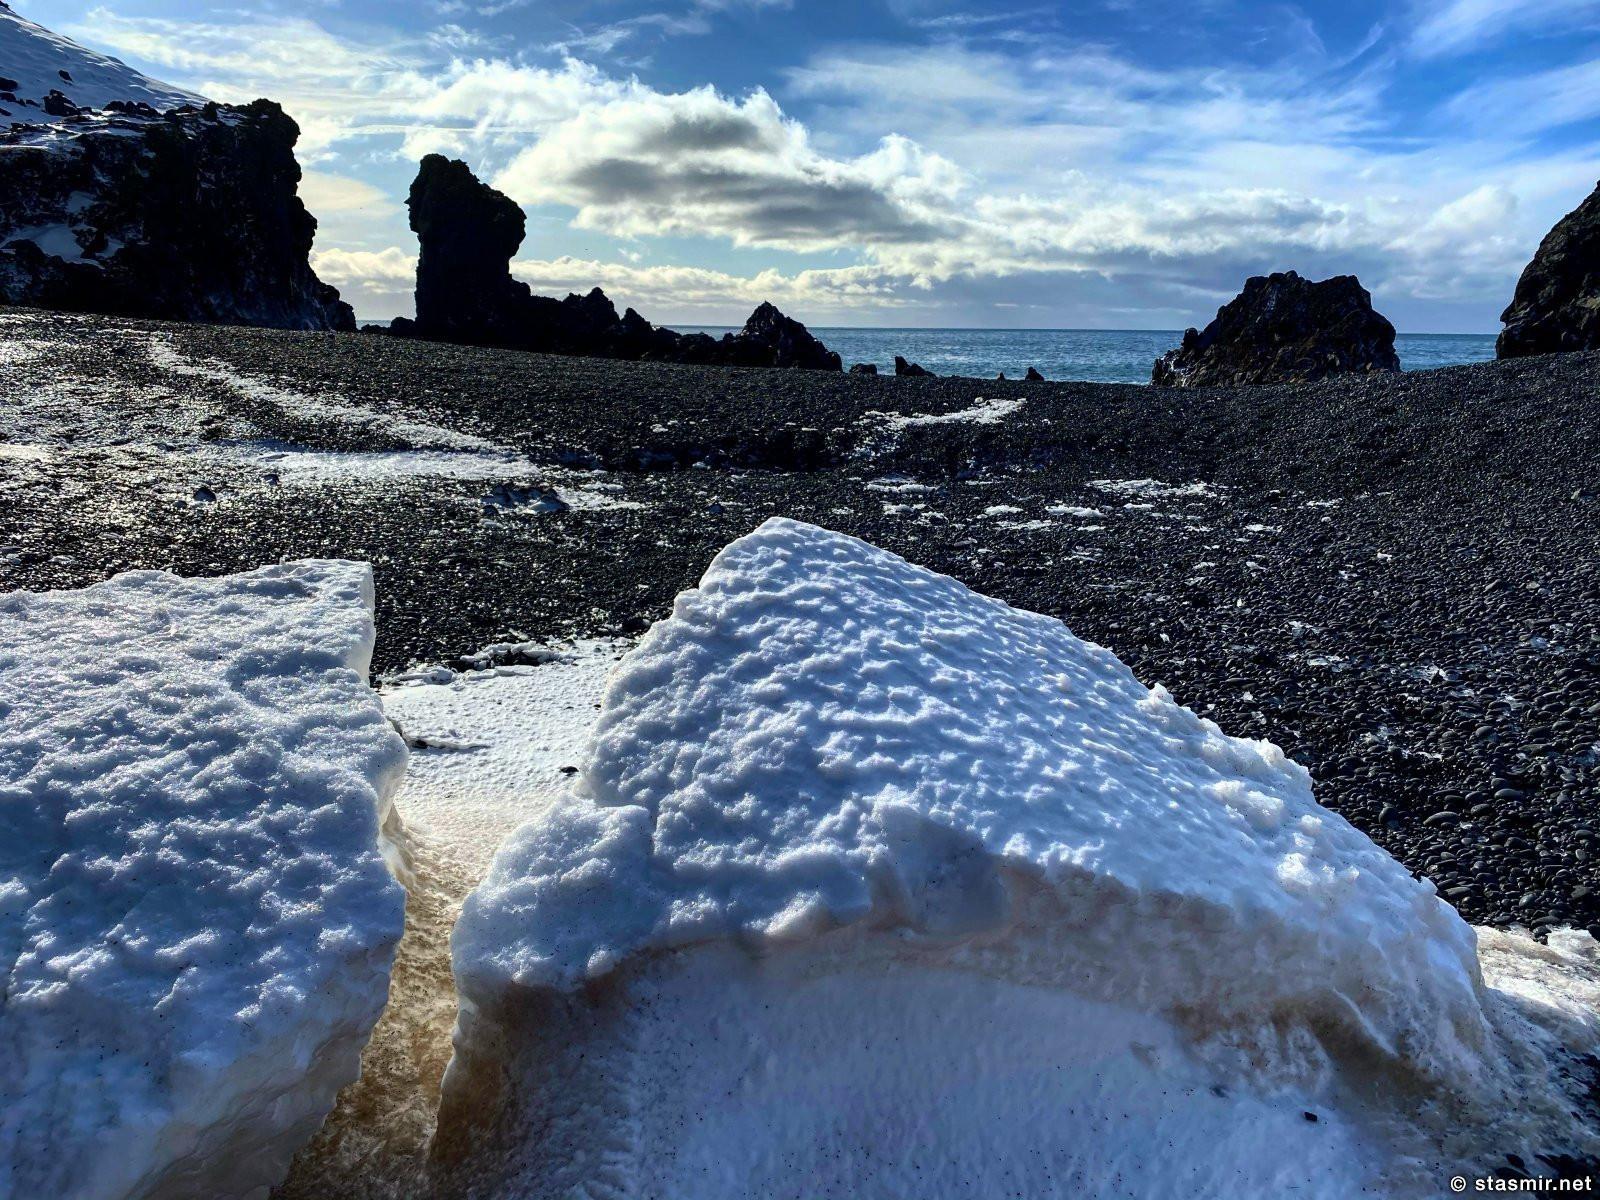 Дьюпулоунид, Западная Исландия, трольчиха а селедкой, фото Стасмир, Photo Stasmir